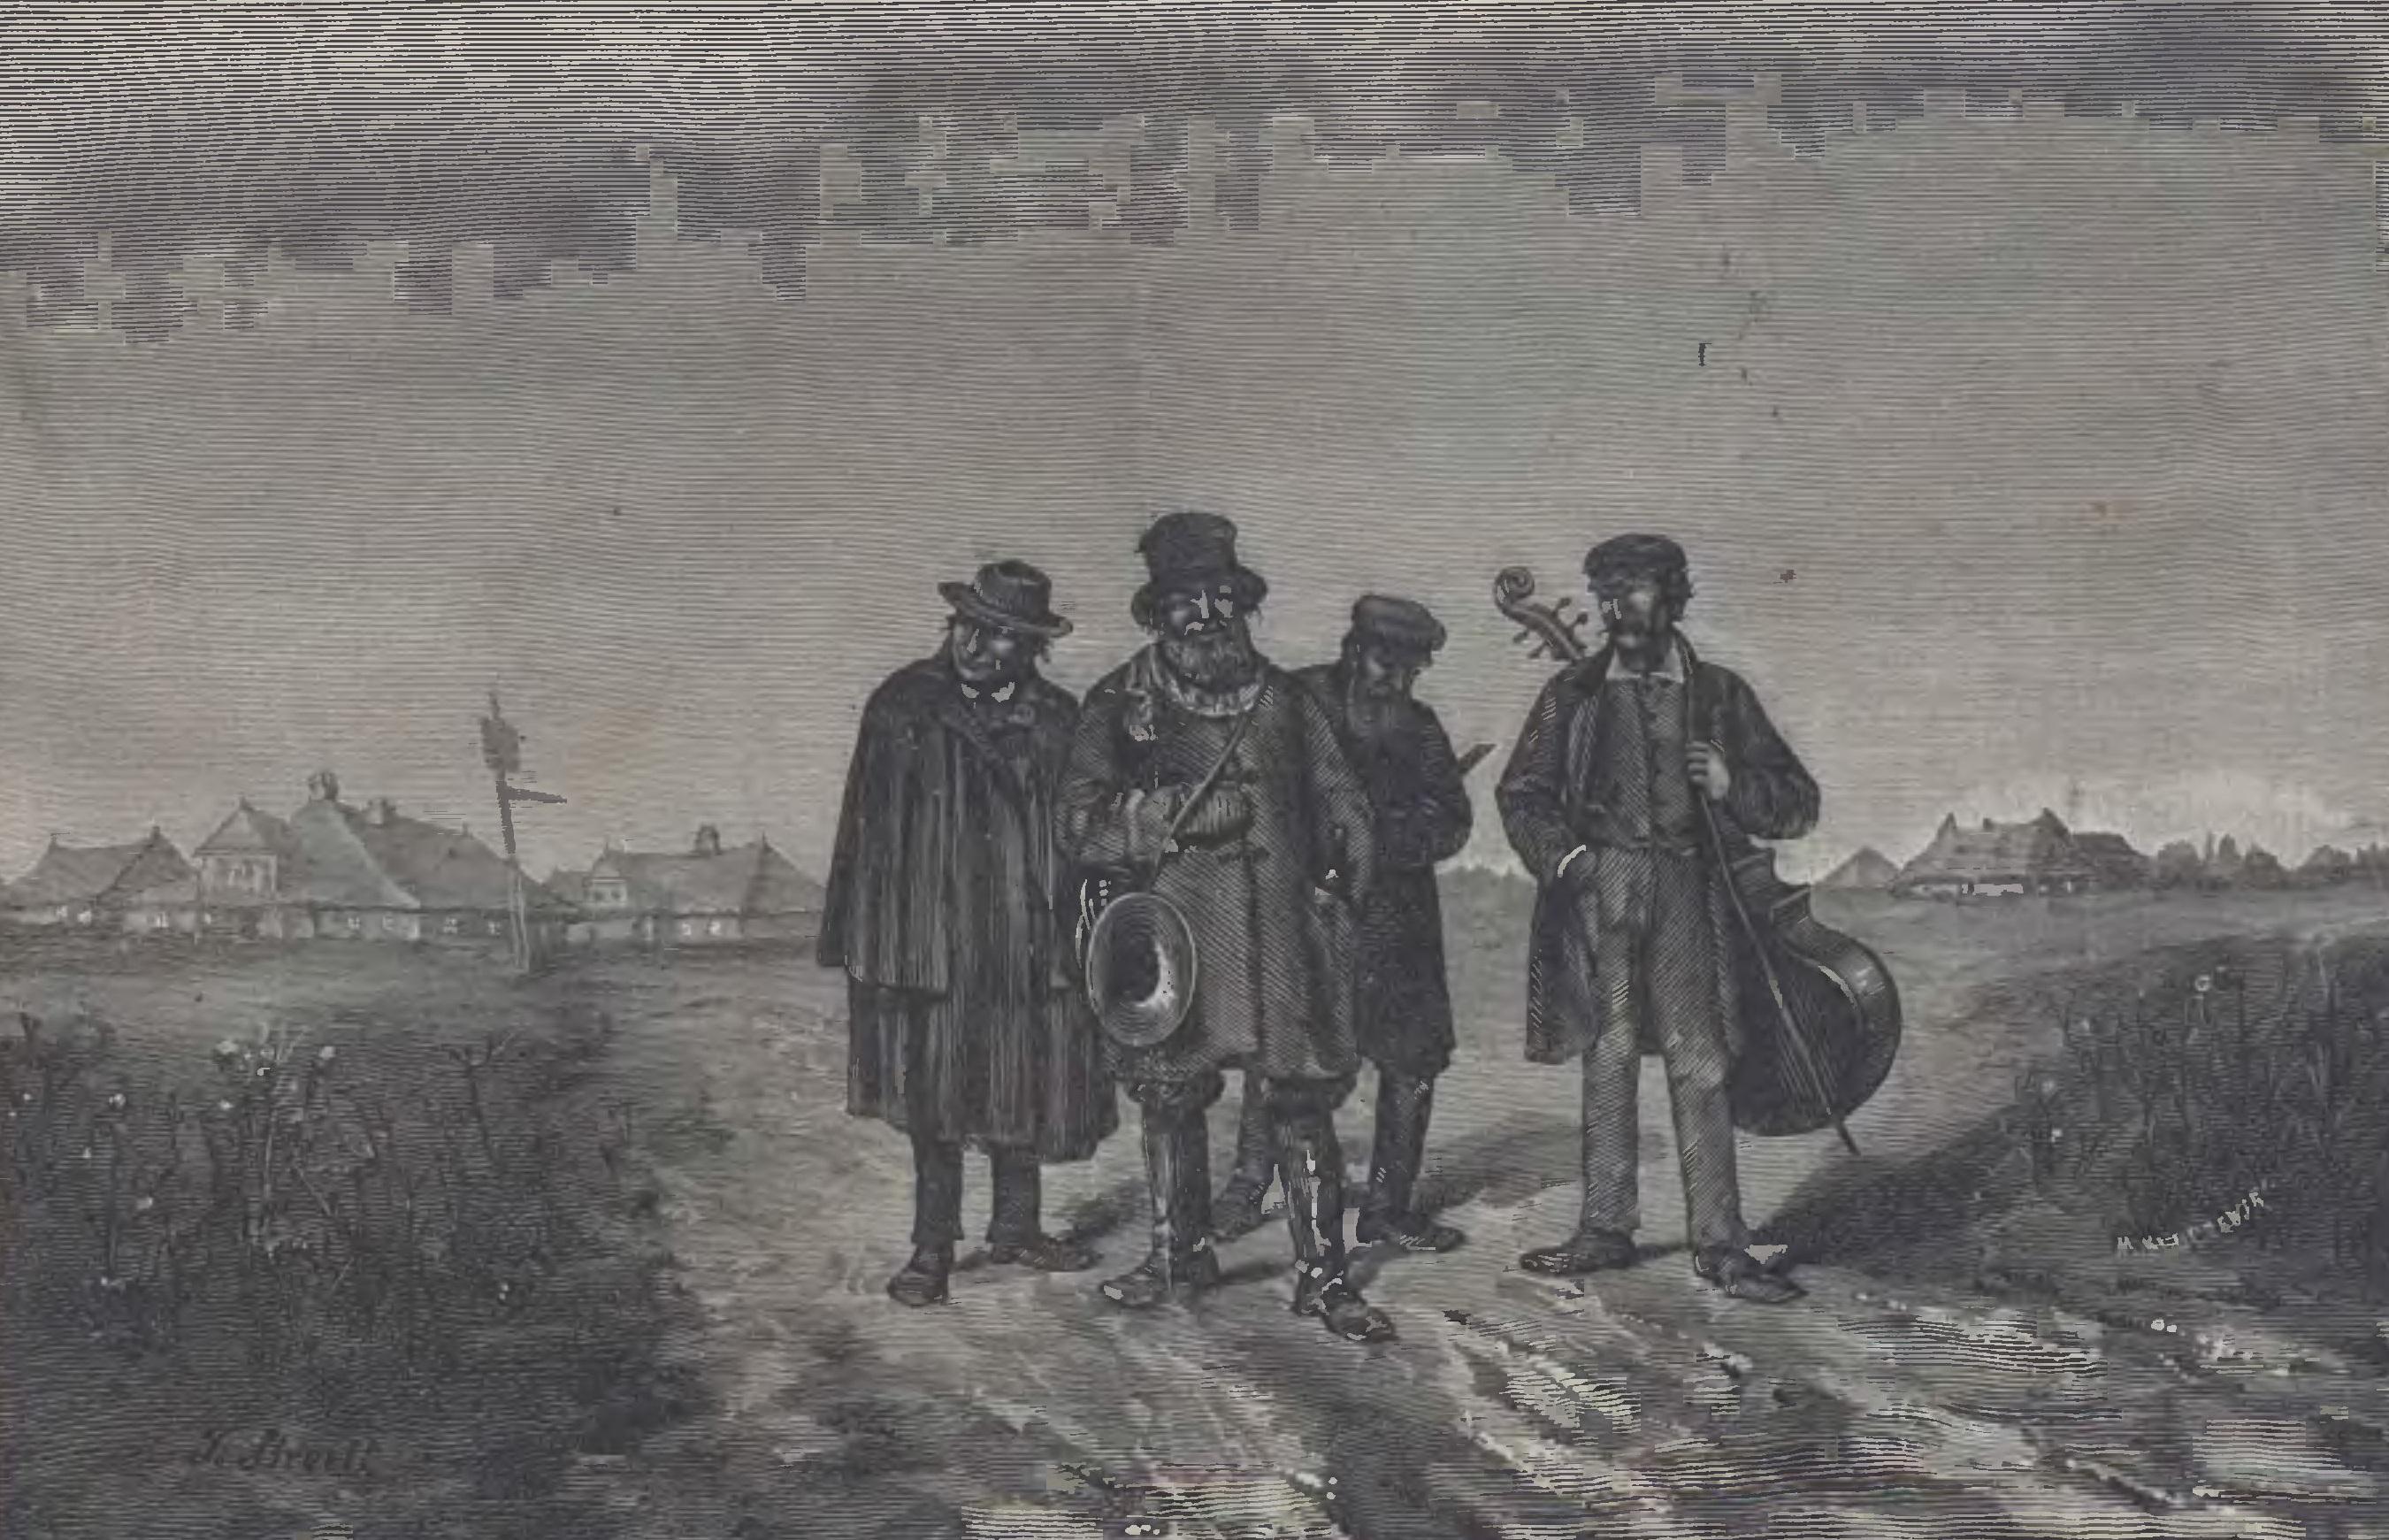 """Ilustracja 2. Franciszek Streitt, <i>Wędrujący kwartet<i/>, """"Kłosy"""", nr 535 z 30 IX 1875, Biblioteka Cyfrowa Uniwersytetu Łódzkiego"""